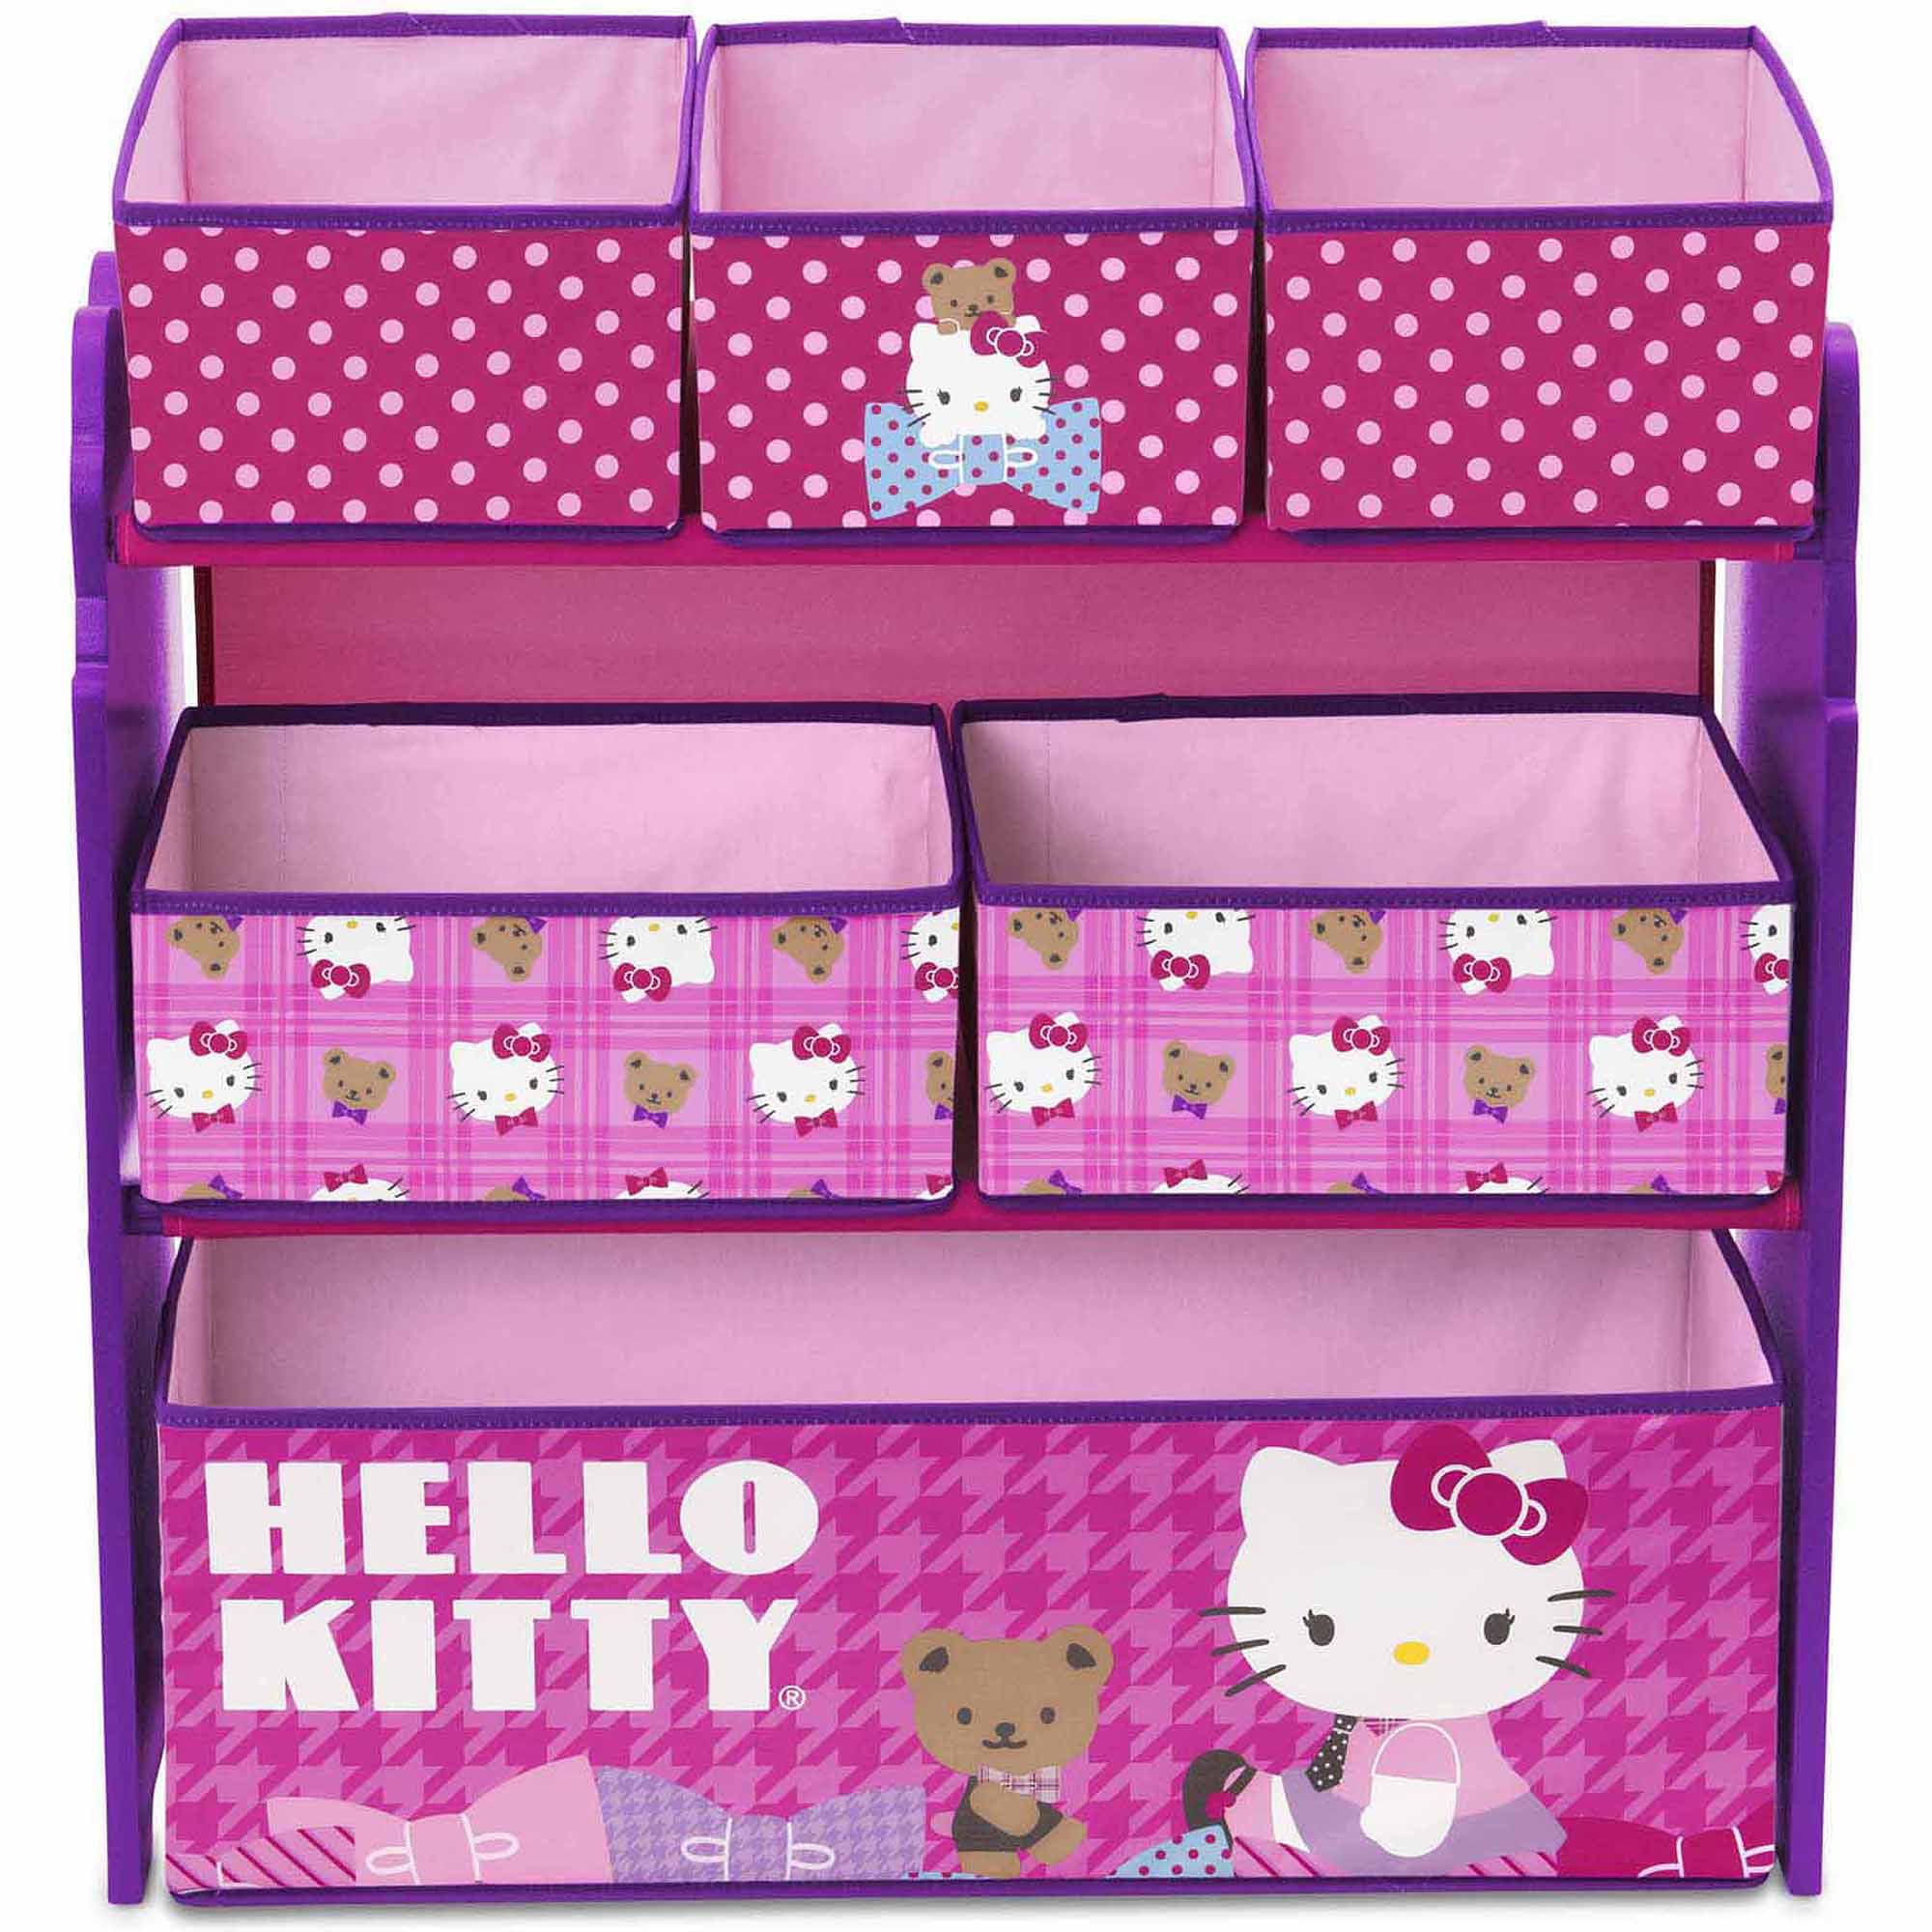 Hello kitty scrapbook ideas - Hello Kitty Scrapbook Ideas 31